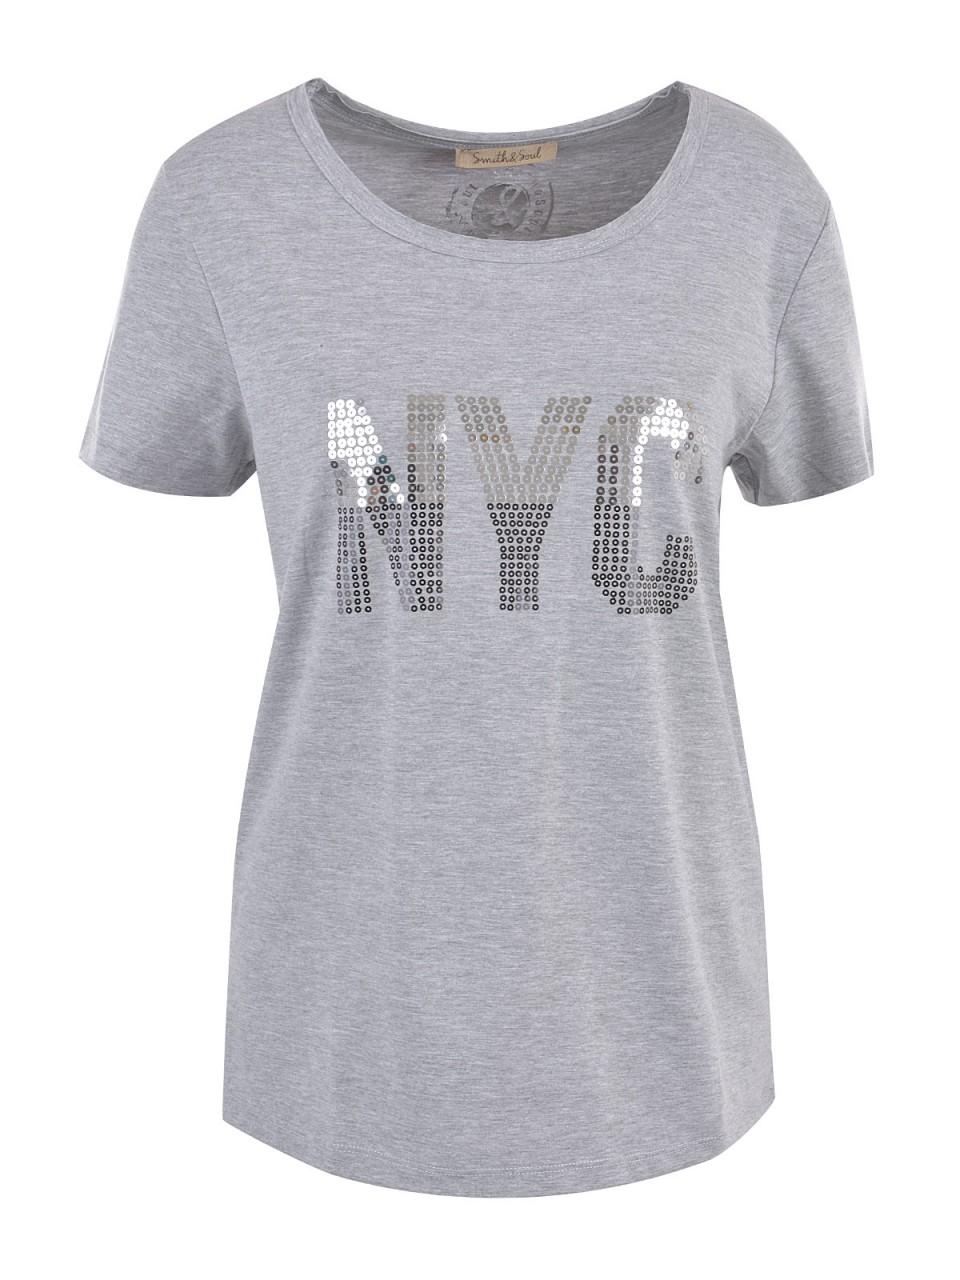 smith-amp-soul-damen-t-shirt-grau